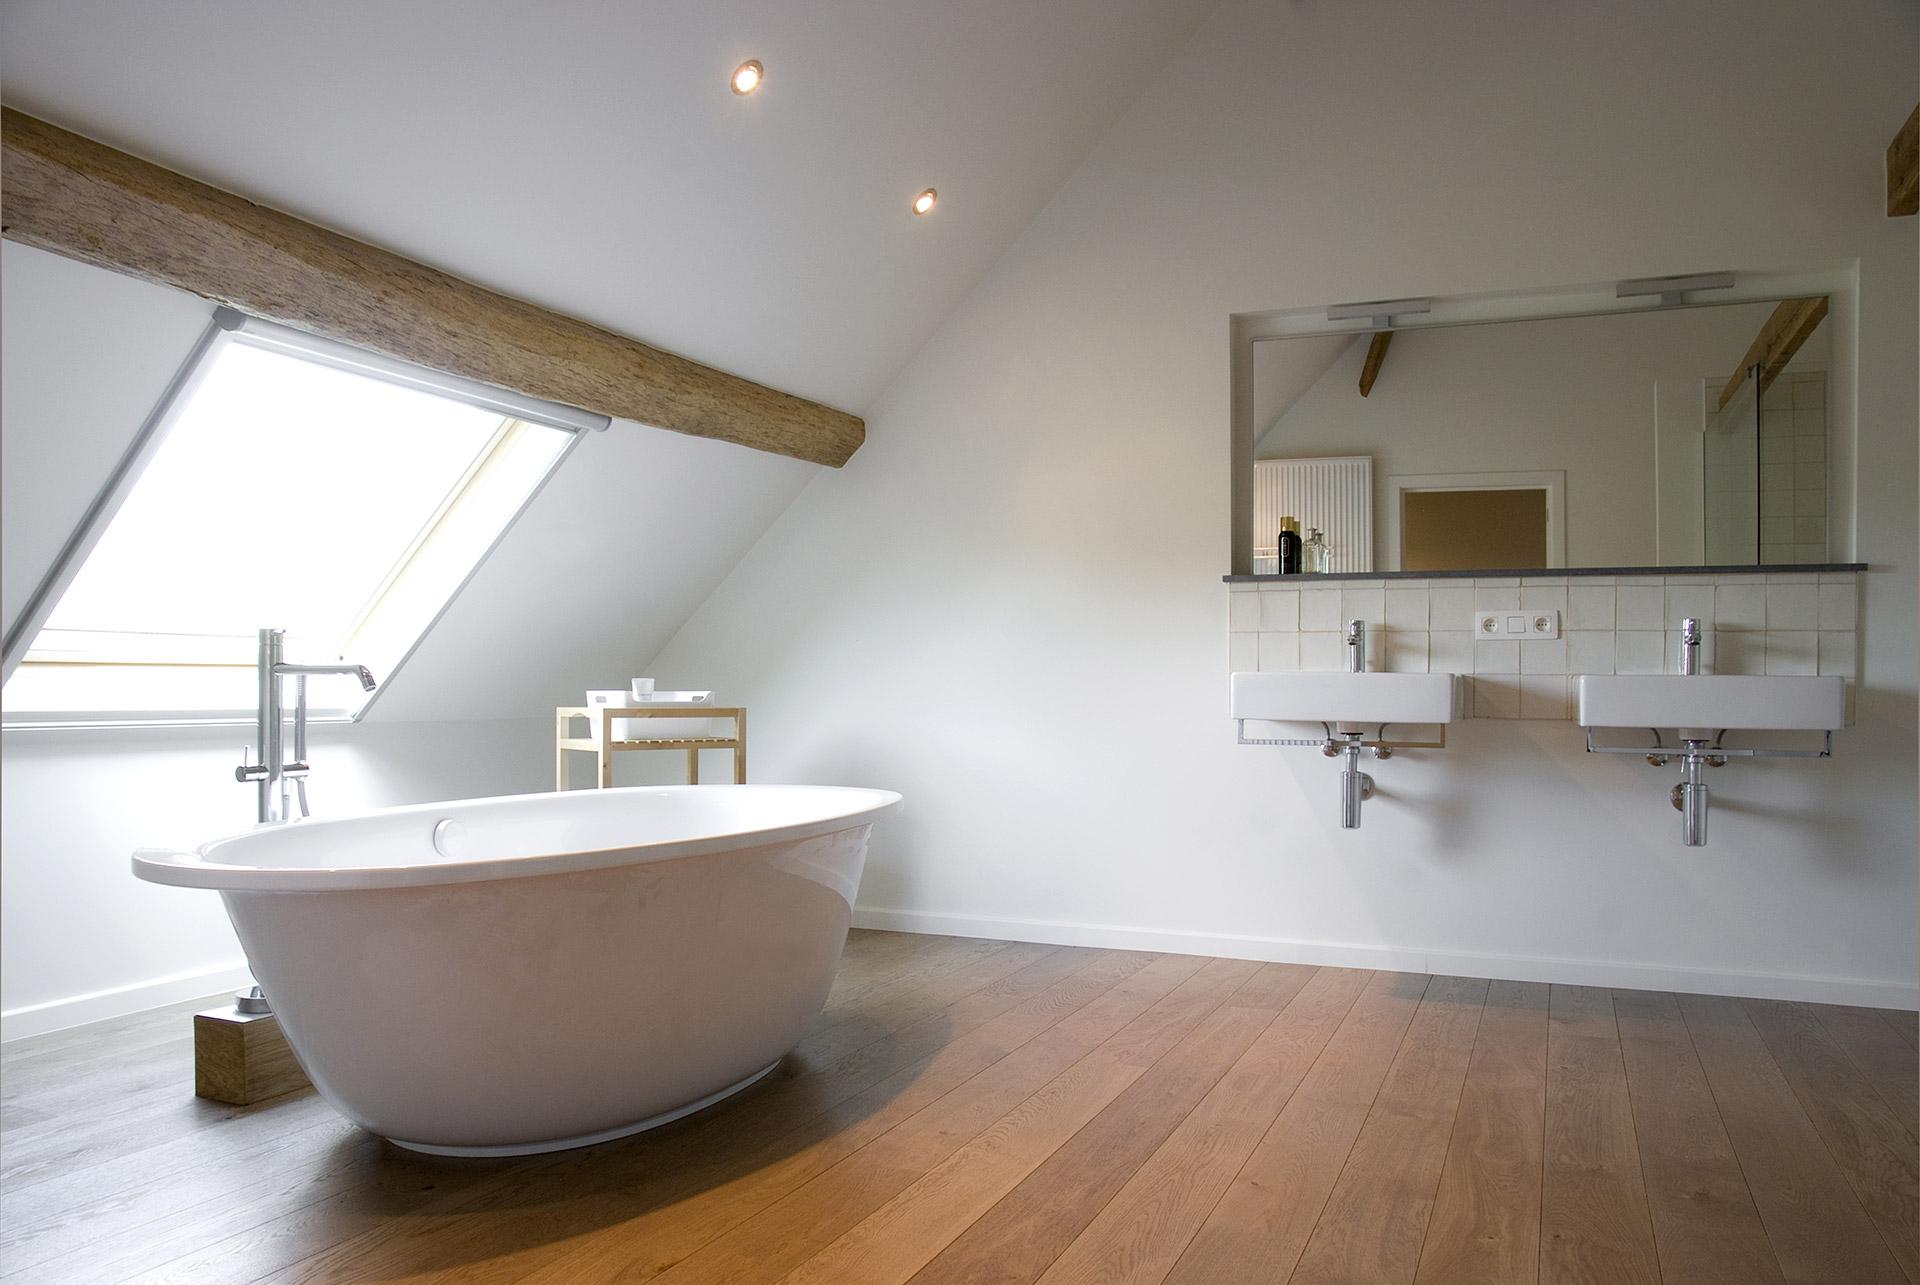 enkele tips bij de aankoop van een nieuwe badkamer sd